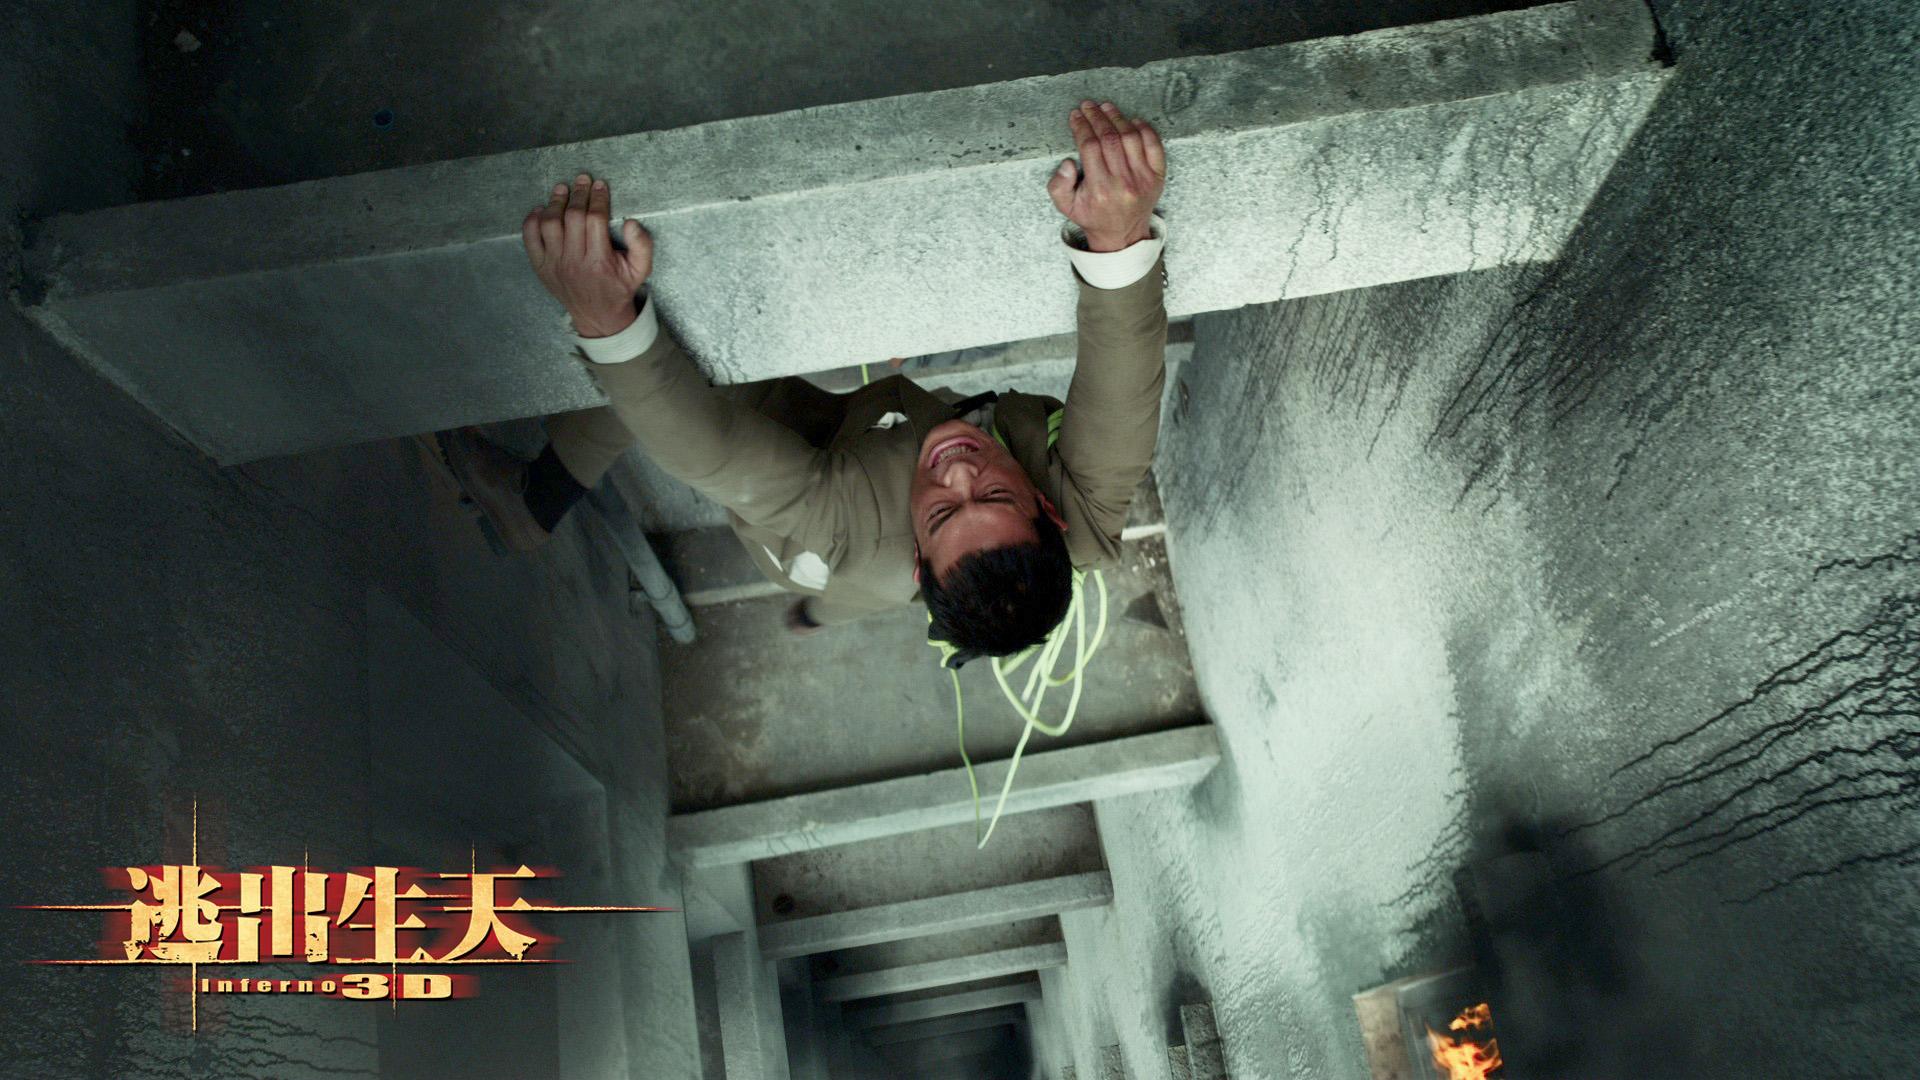 Louis Koo in Tao chu sheng tian (2013)